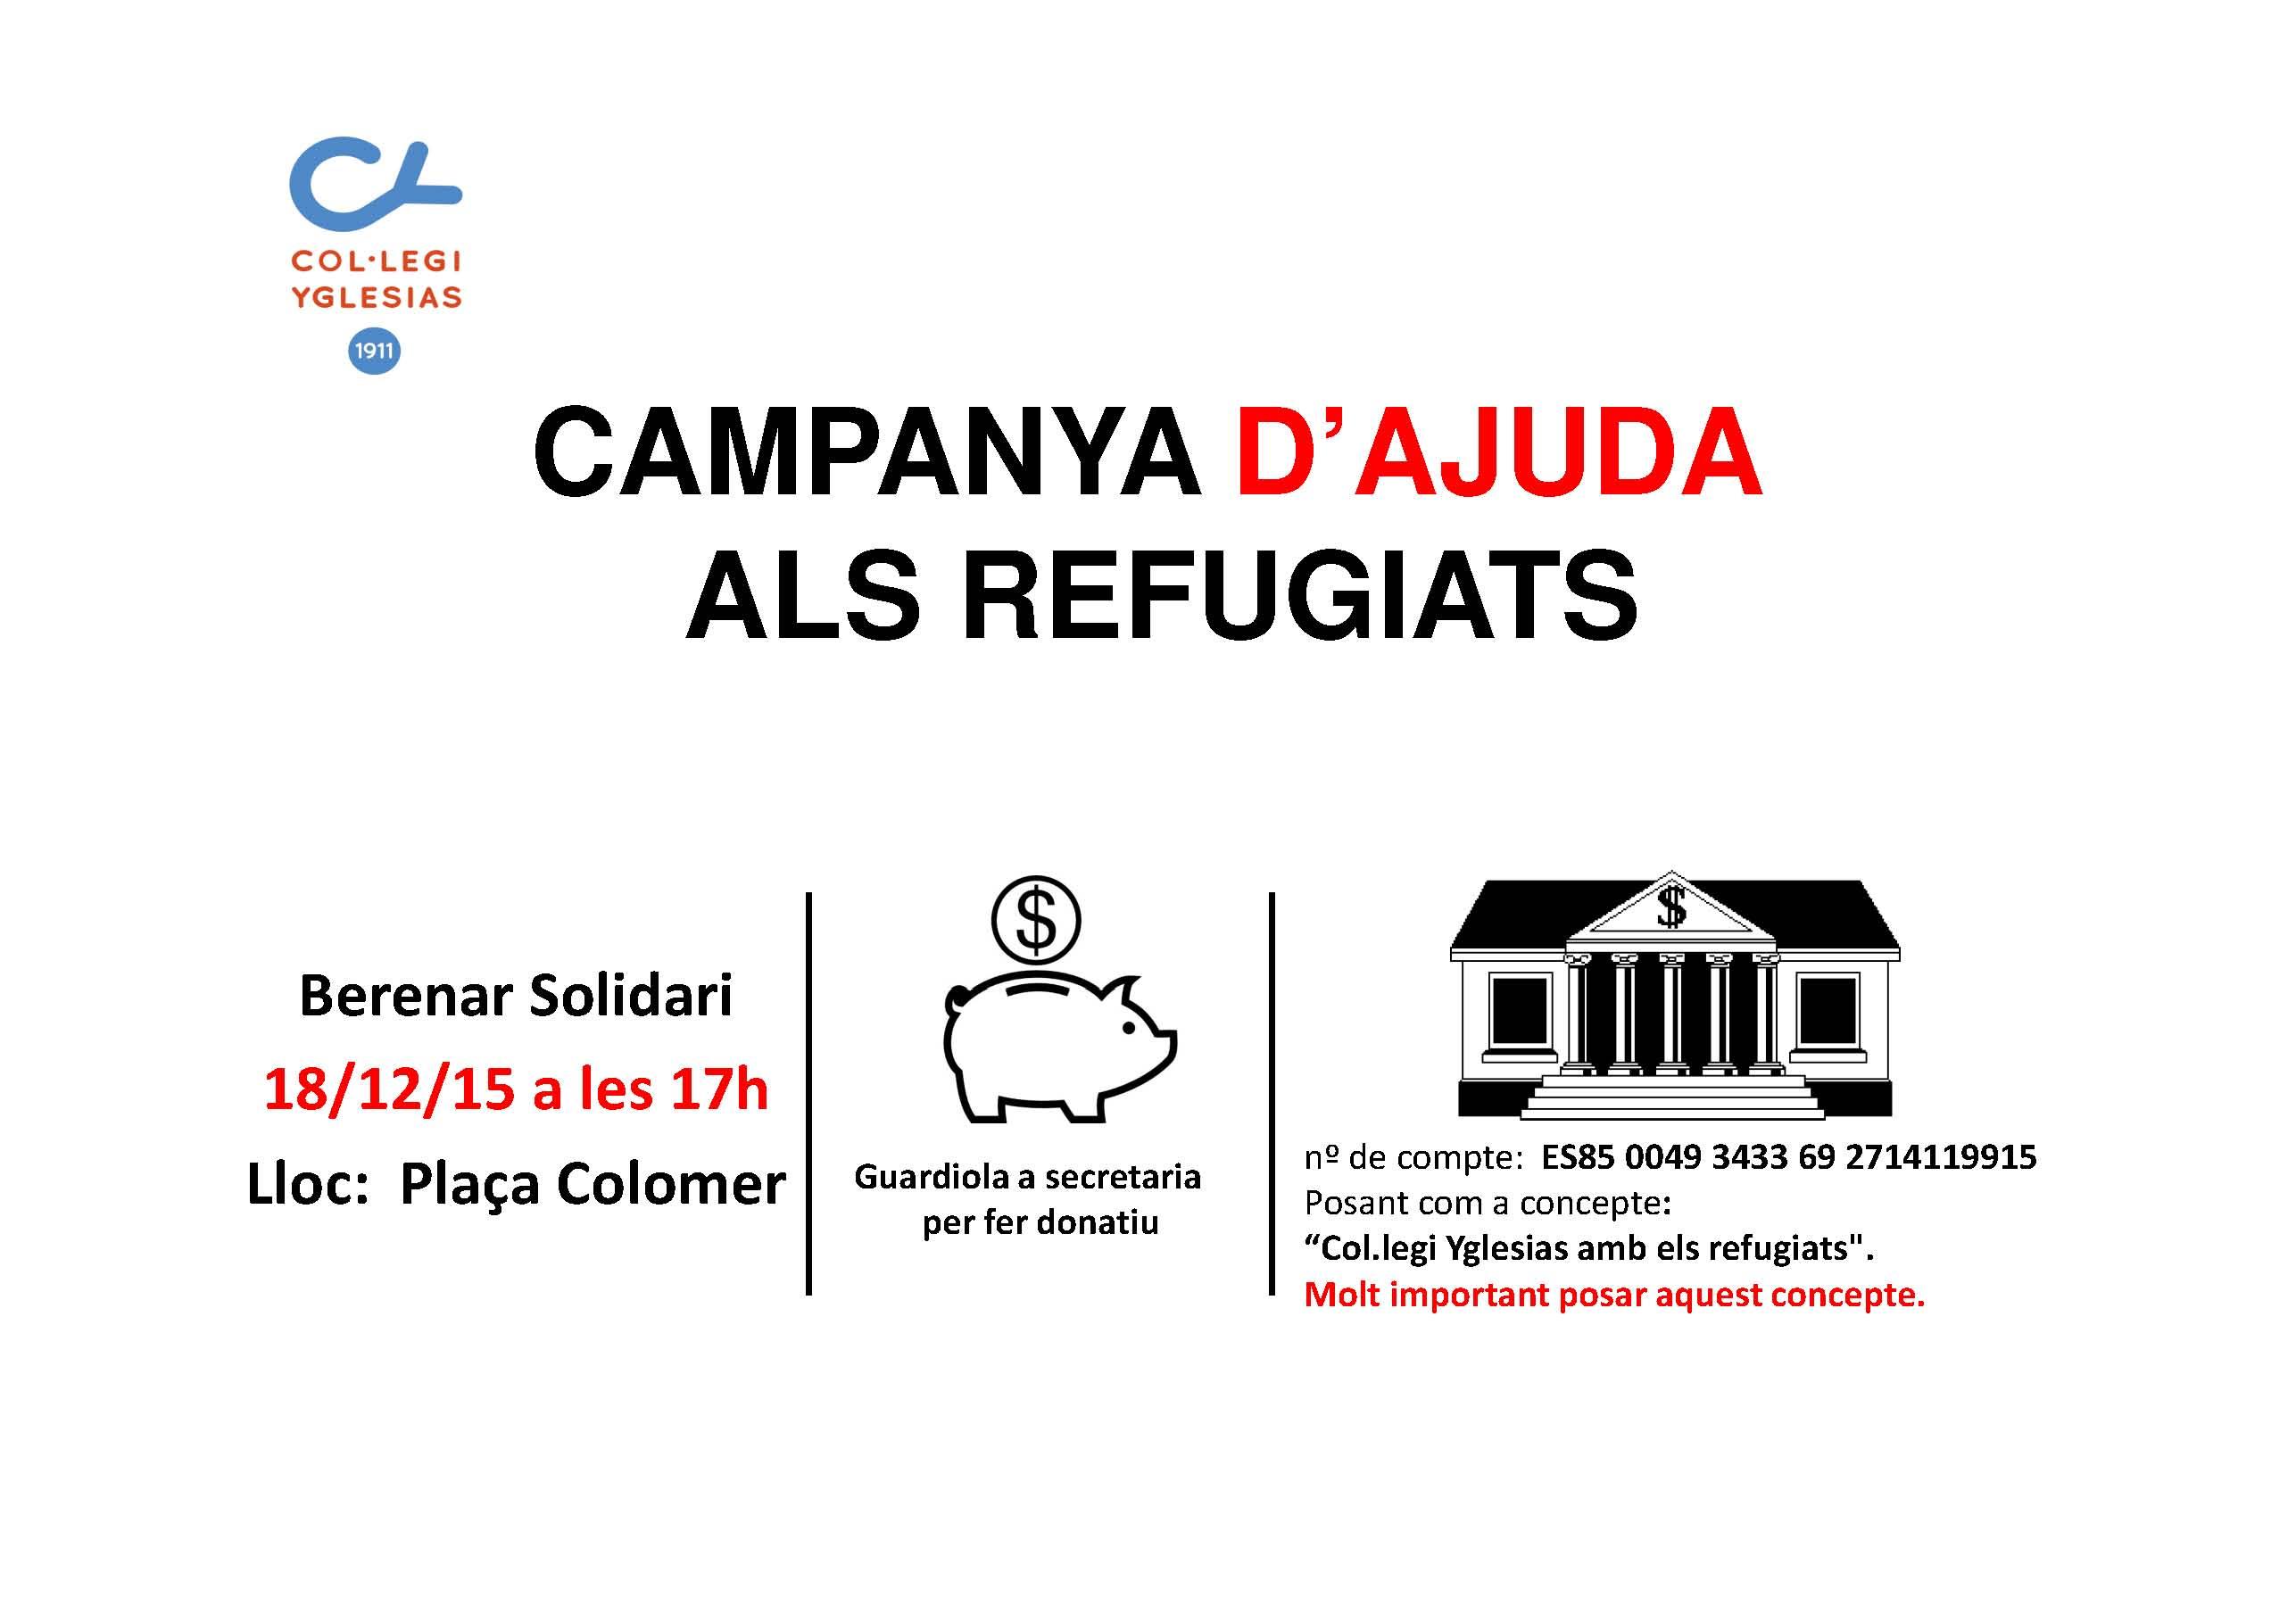 Cartell CAMPANYA D'AJUDA refugiats